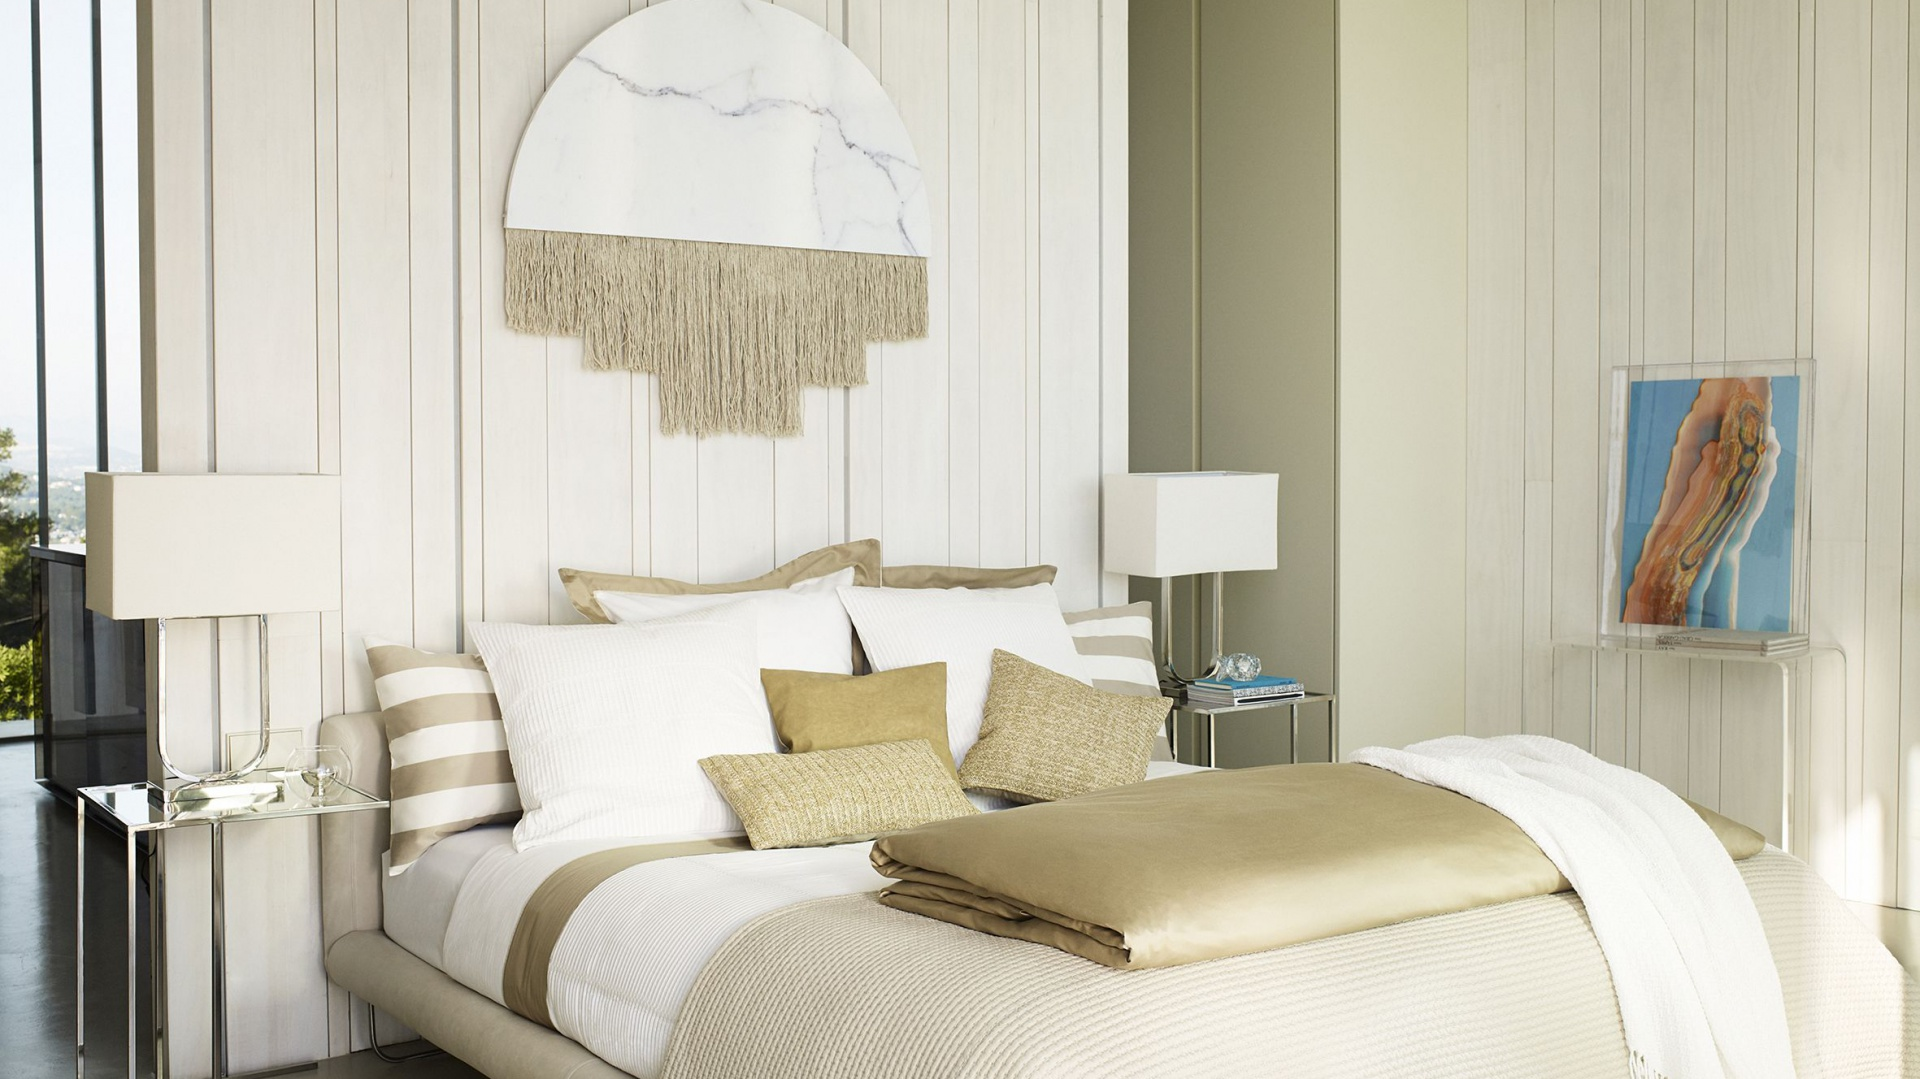 Sypialnia w stylu Miami. Fot. Zara Home